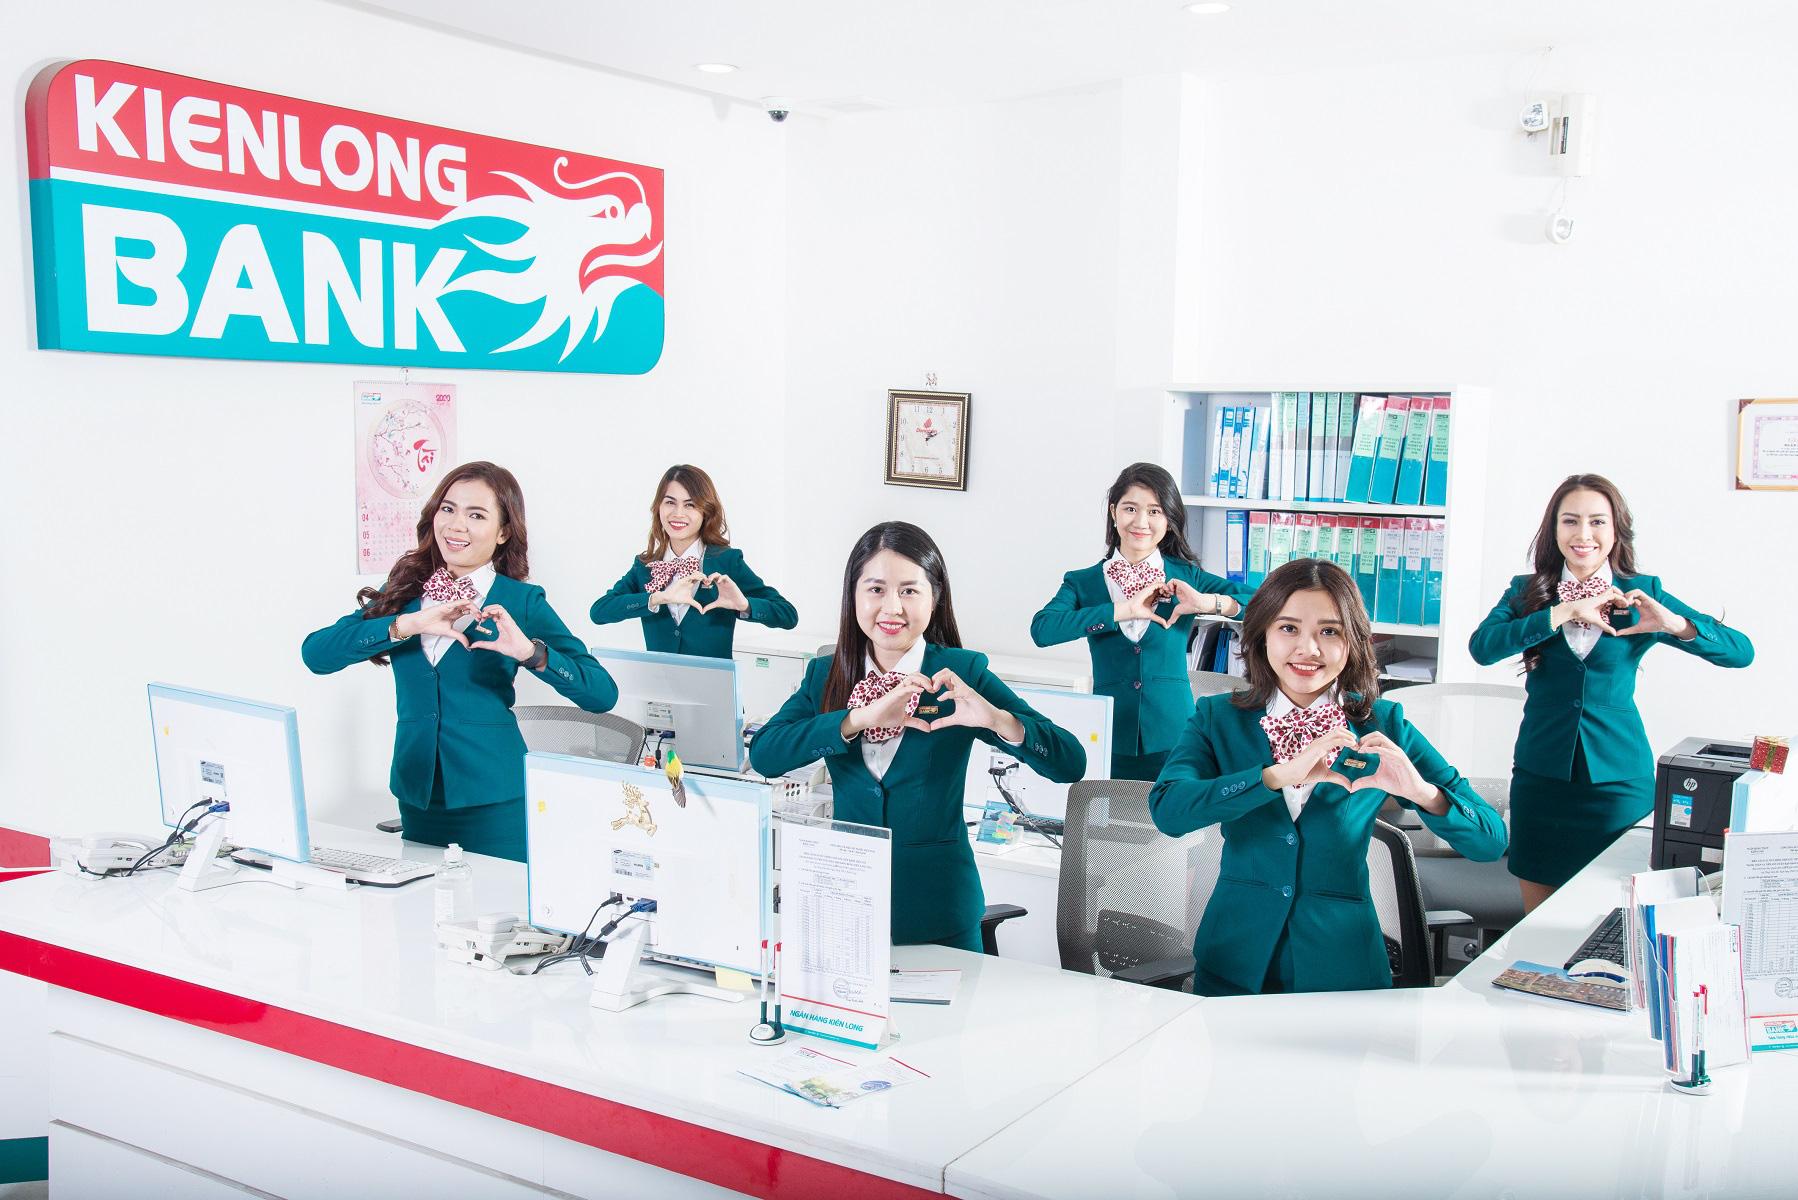 """Kienlongbank lần đầu tiên được vinh danh """"Ngân hàng tiêu biểu vì cộng đồng"""" - Ảnh 6."""